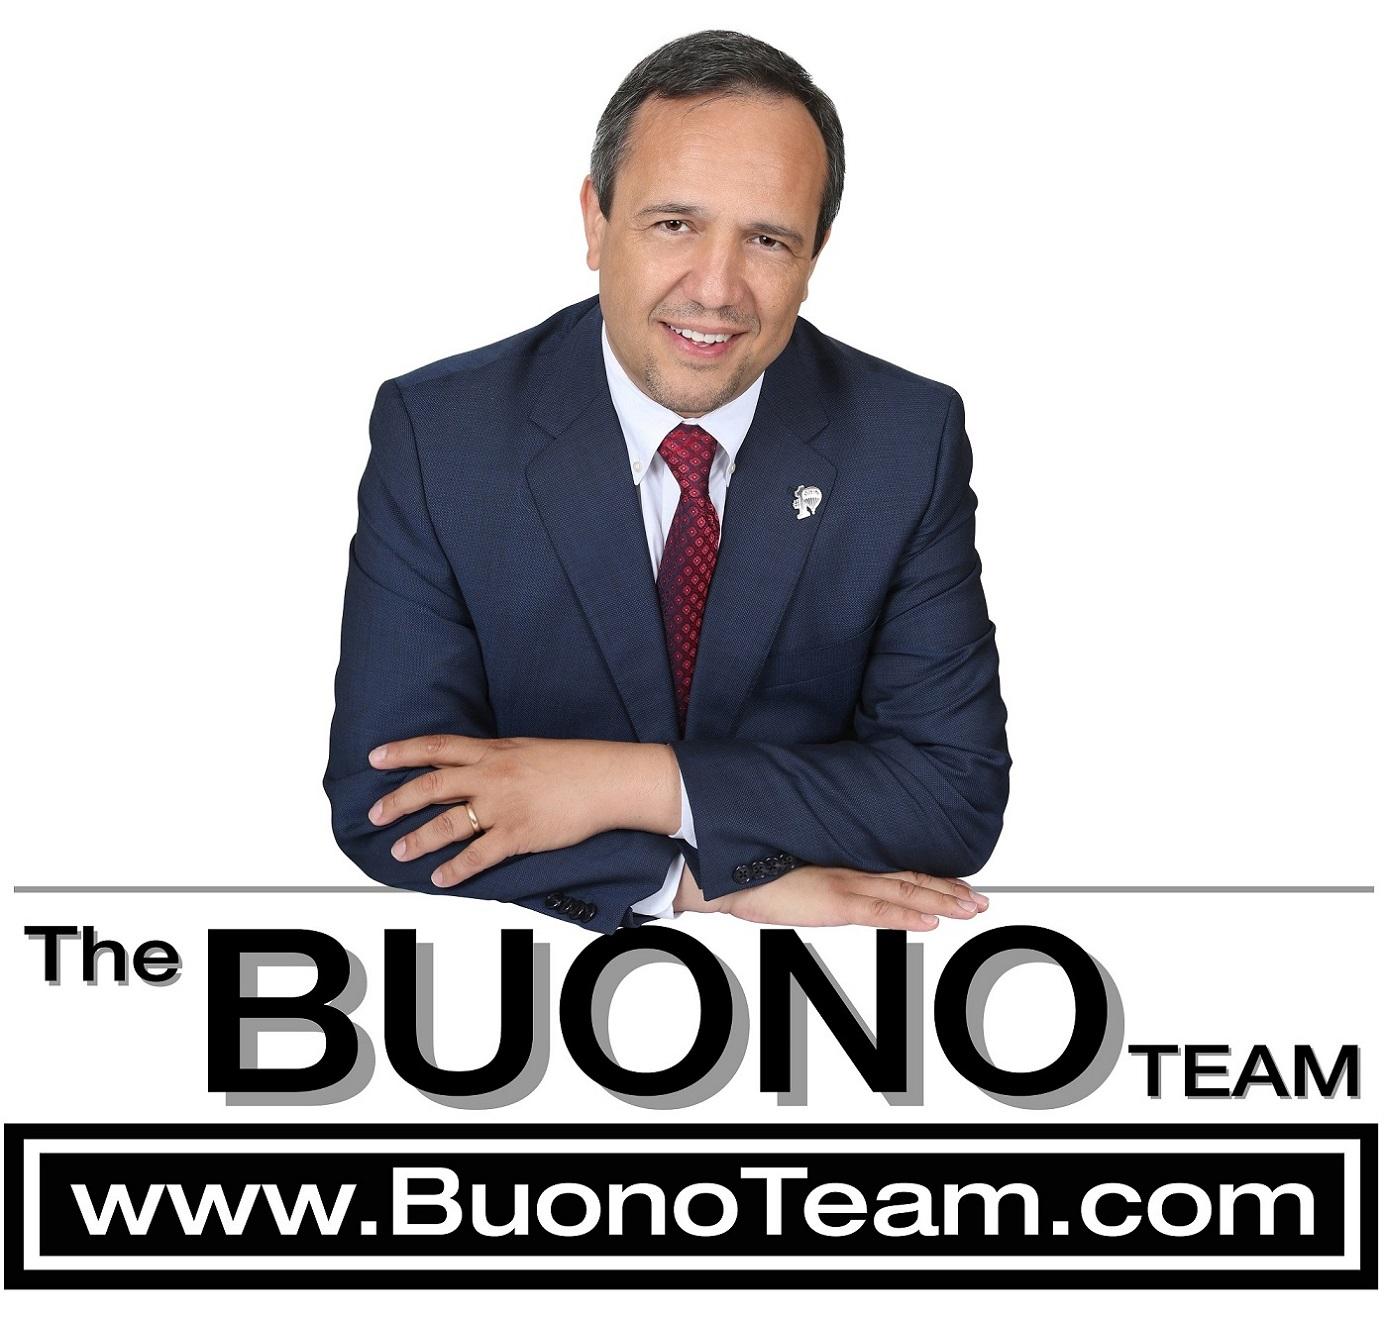 Joseph G Buono & The Buono Team